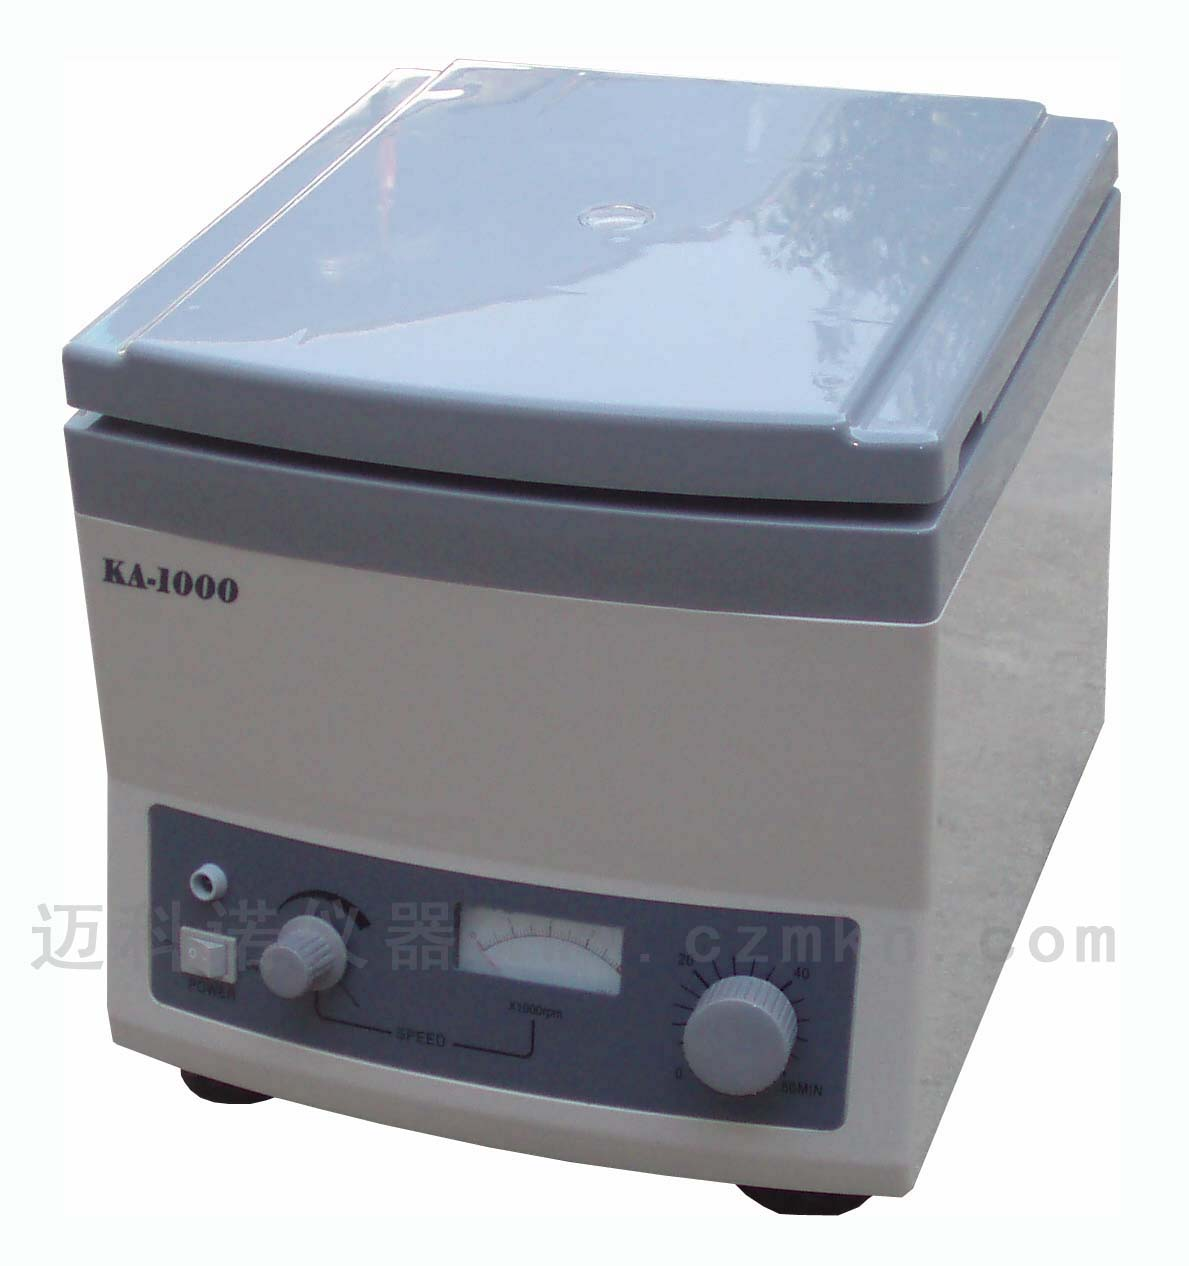 ka-1000台式低速离心机应用范围与技术规格!